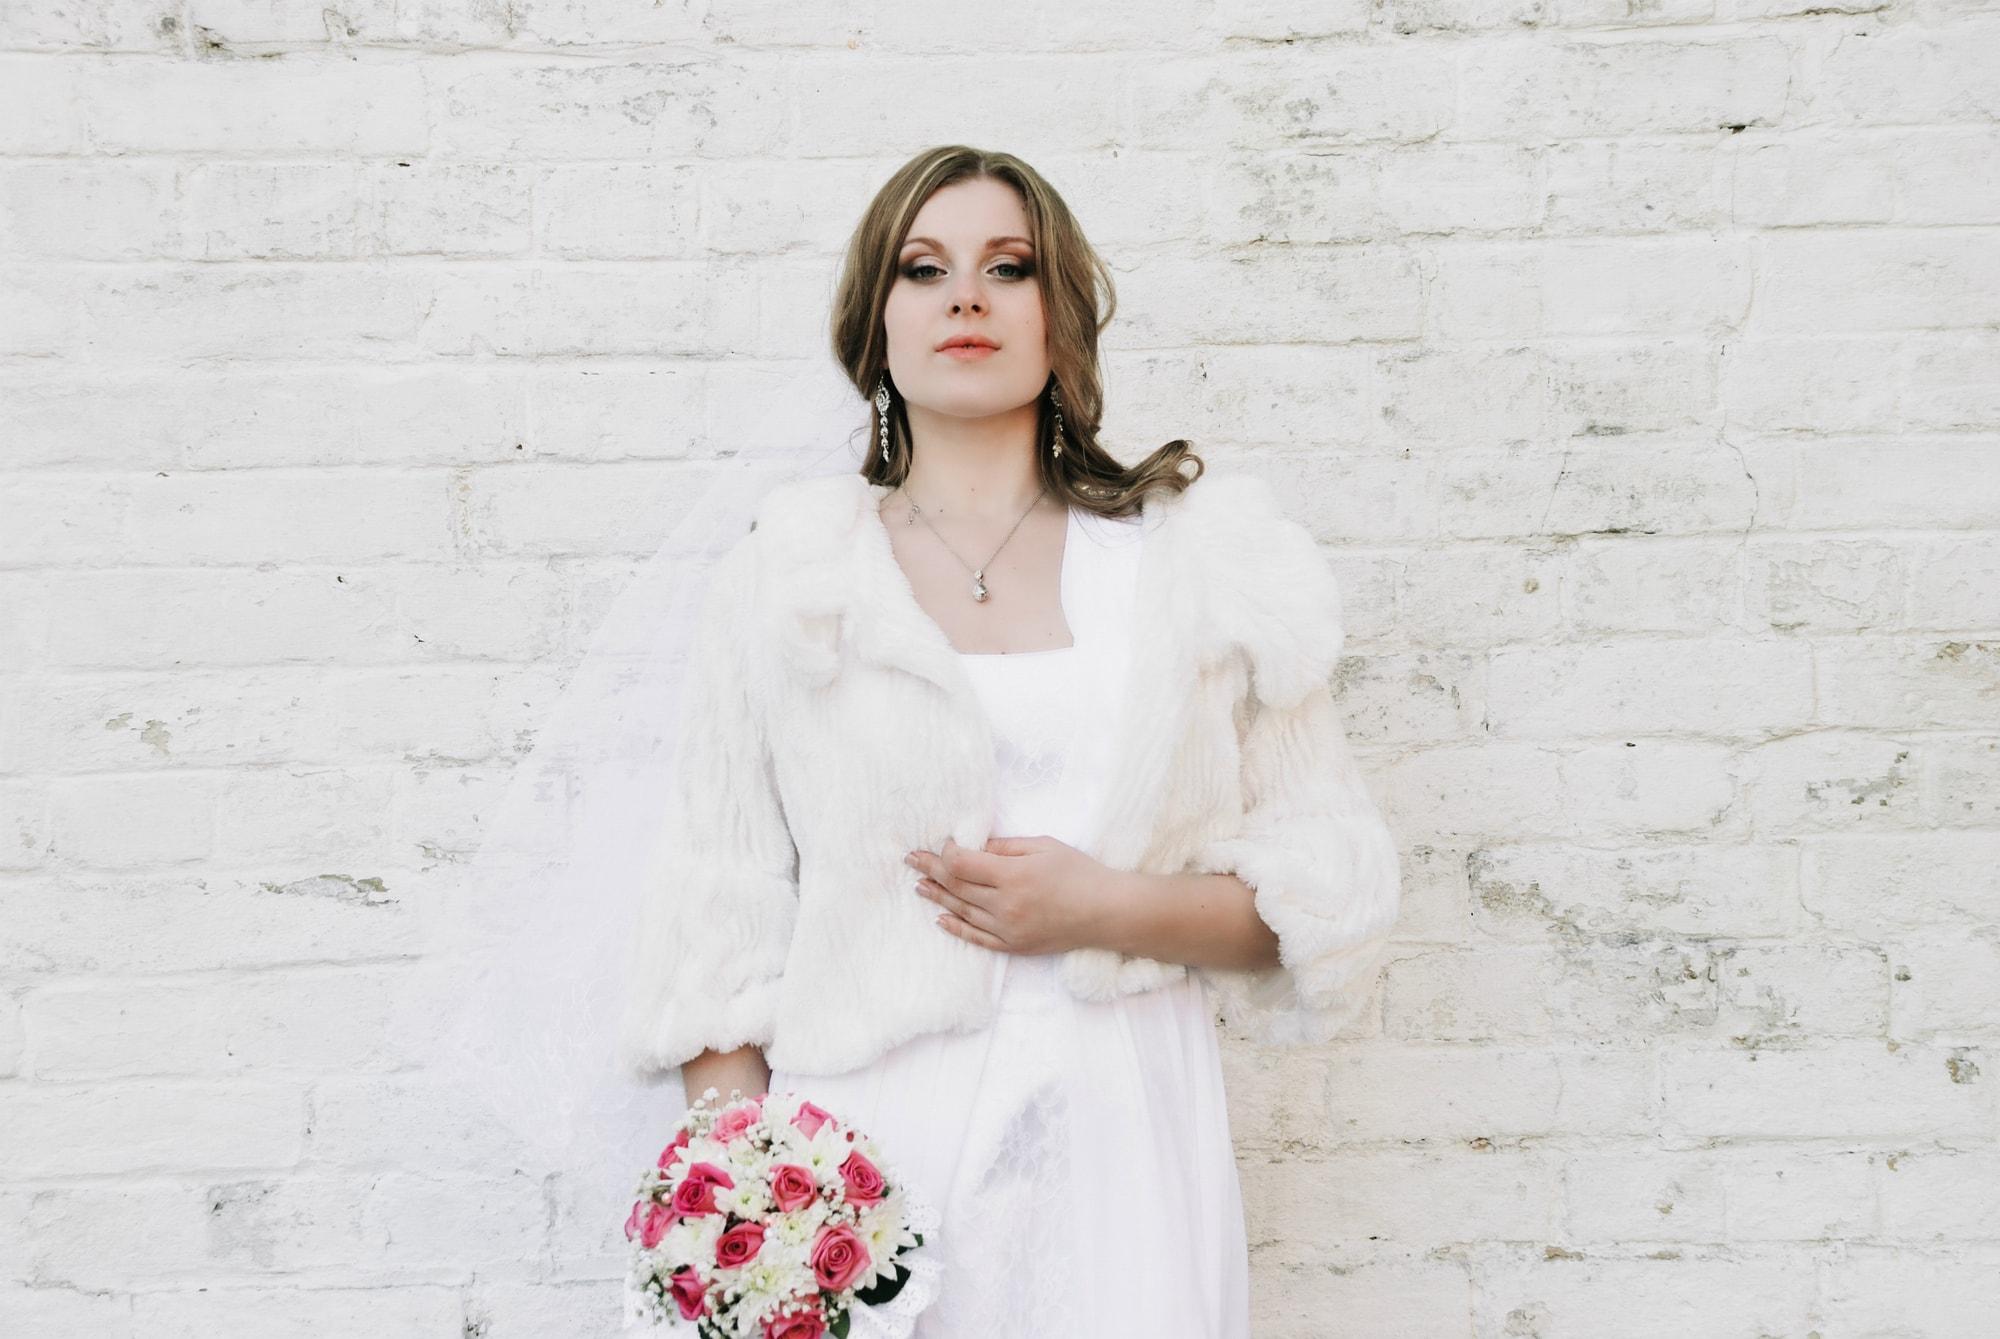 Фотография невесты с букетом - Фотограф Киев - Женя Лайт